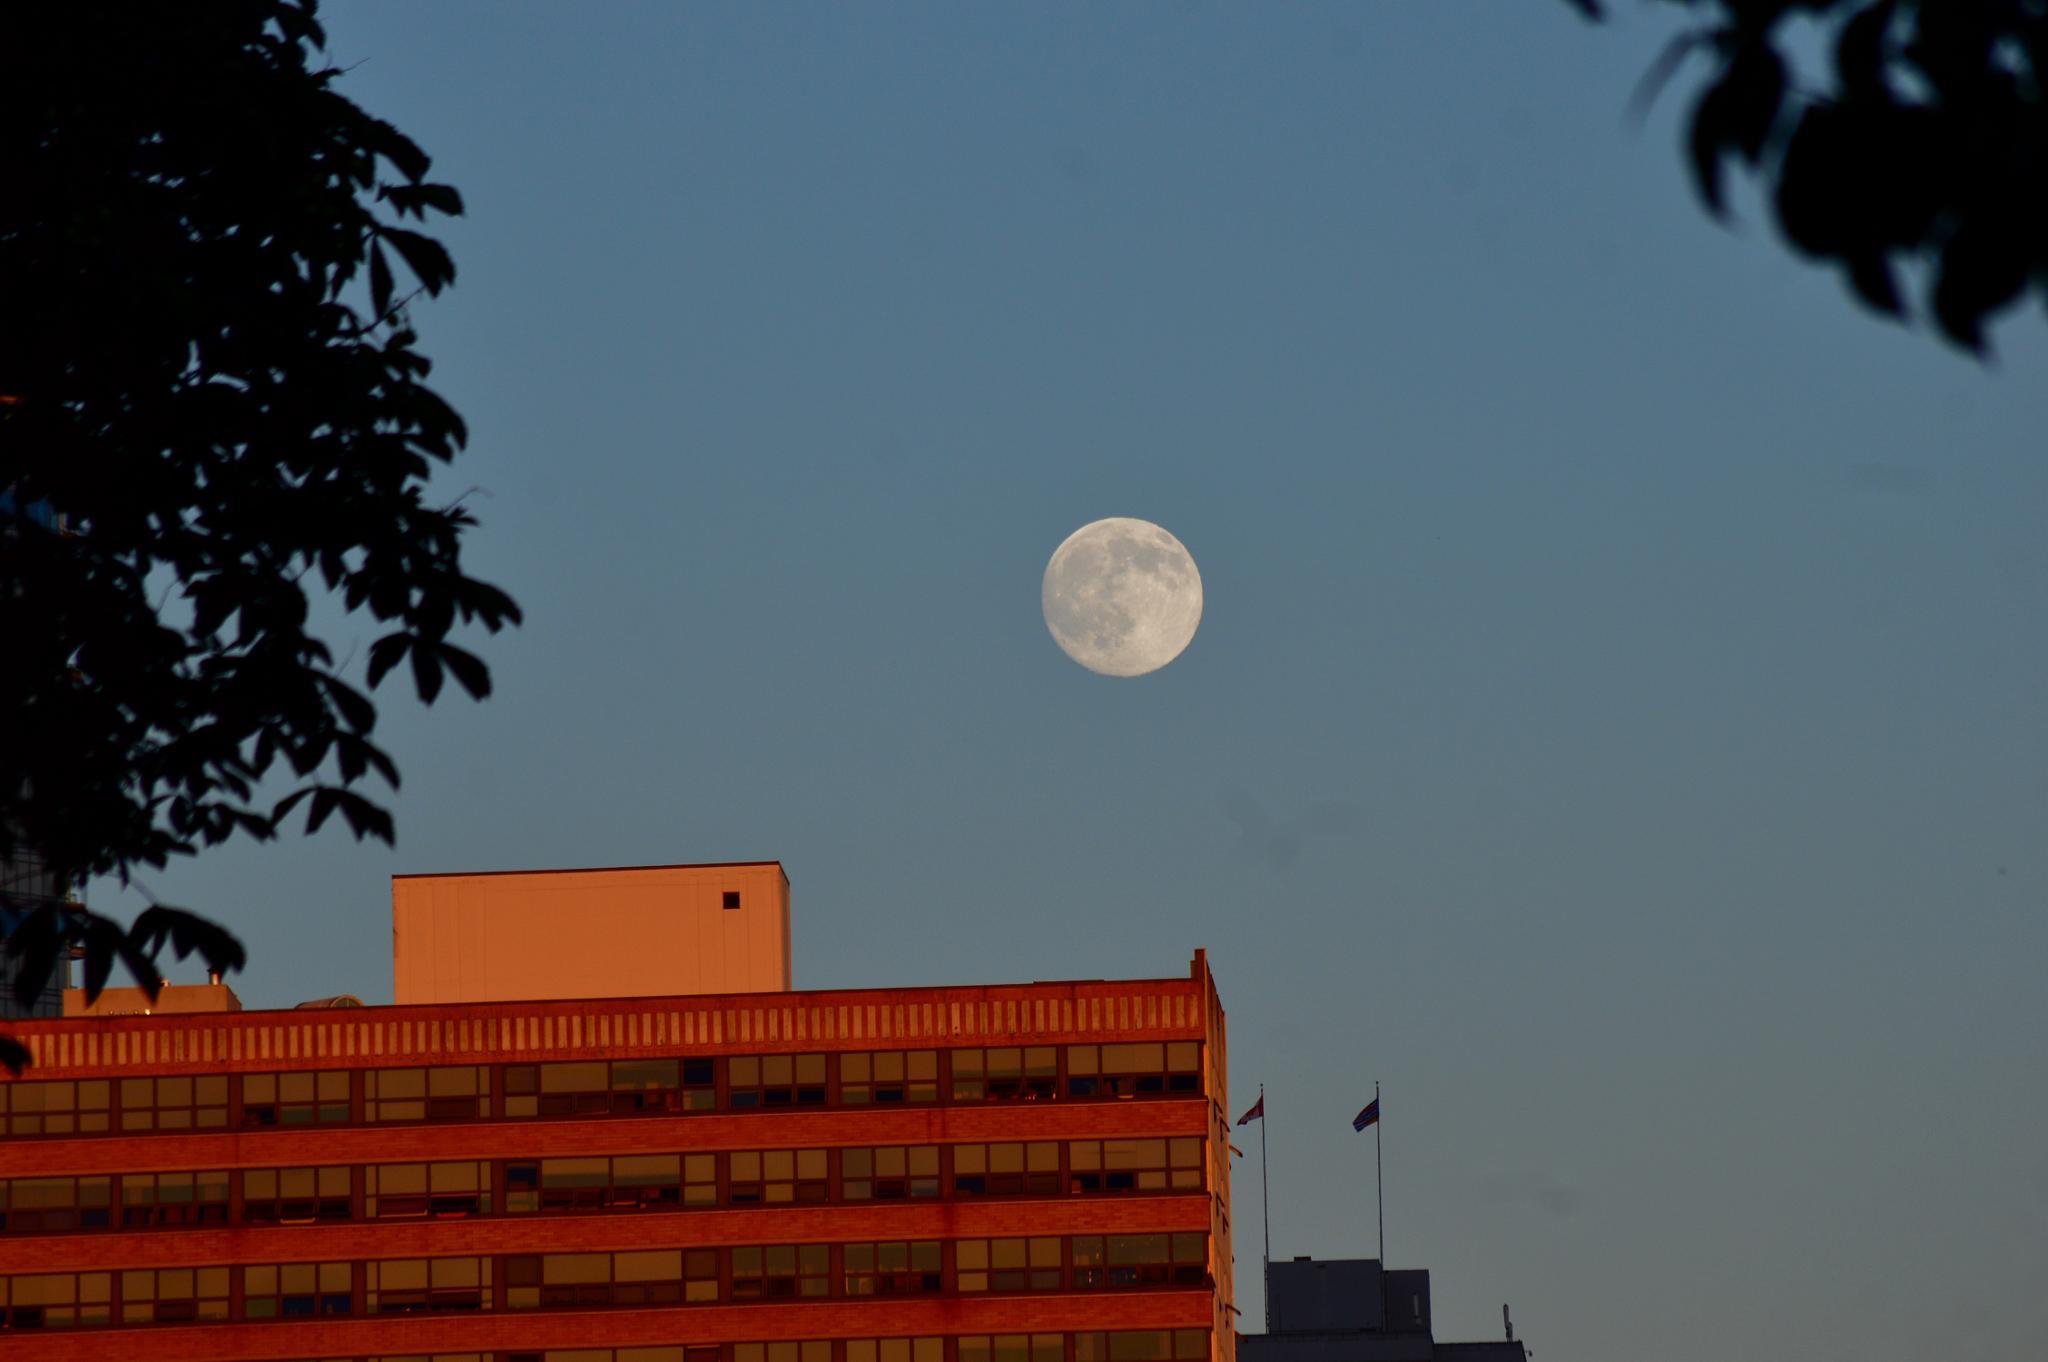 Moonshot 2 by David Brian Paley